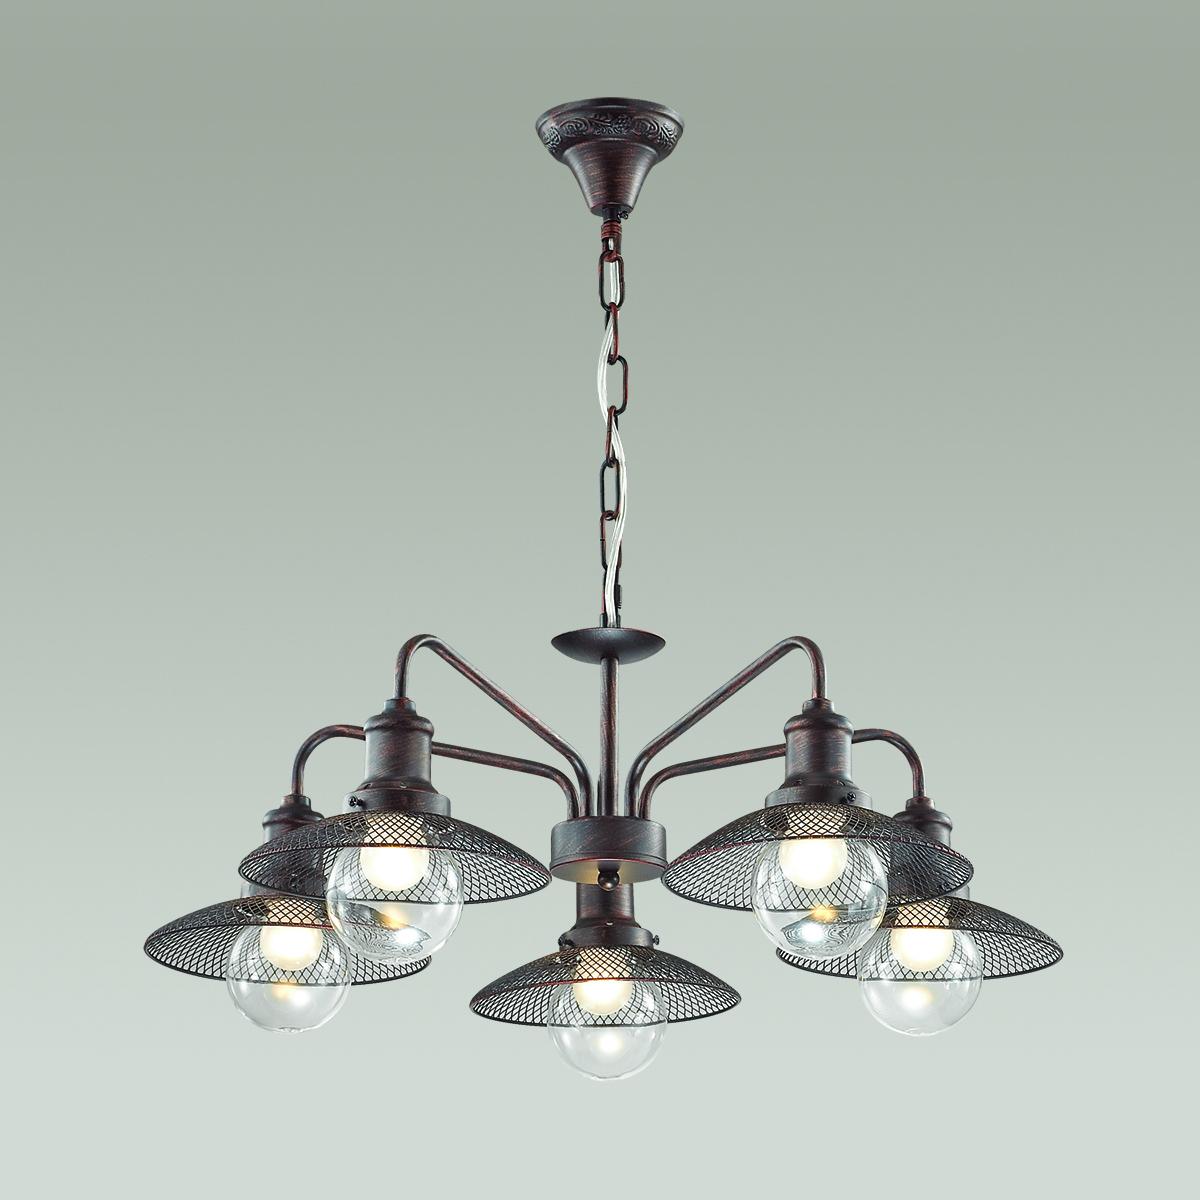 Подвесная люстра Lumion Ludacris 3513/5, 5xE27x60W, коричневый, прозрачный, металл, стекло - фото 3